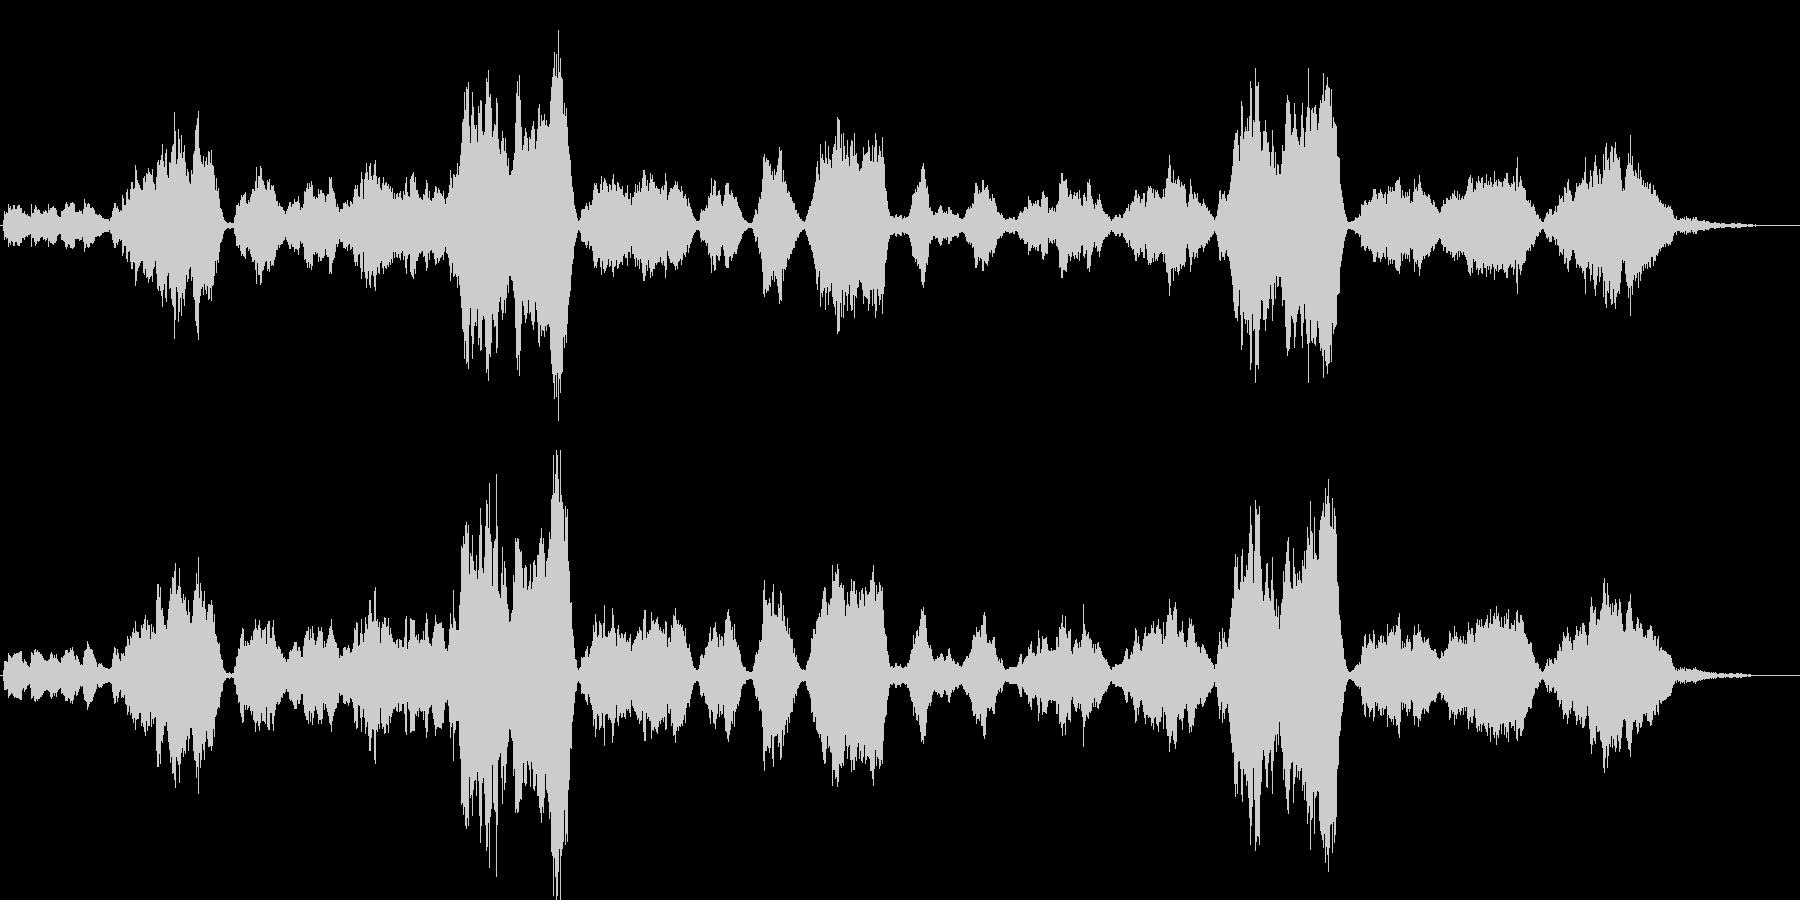 「庭の千草」の小編成の管弦楽アレンジの未再生の波形